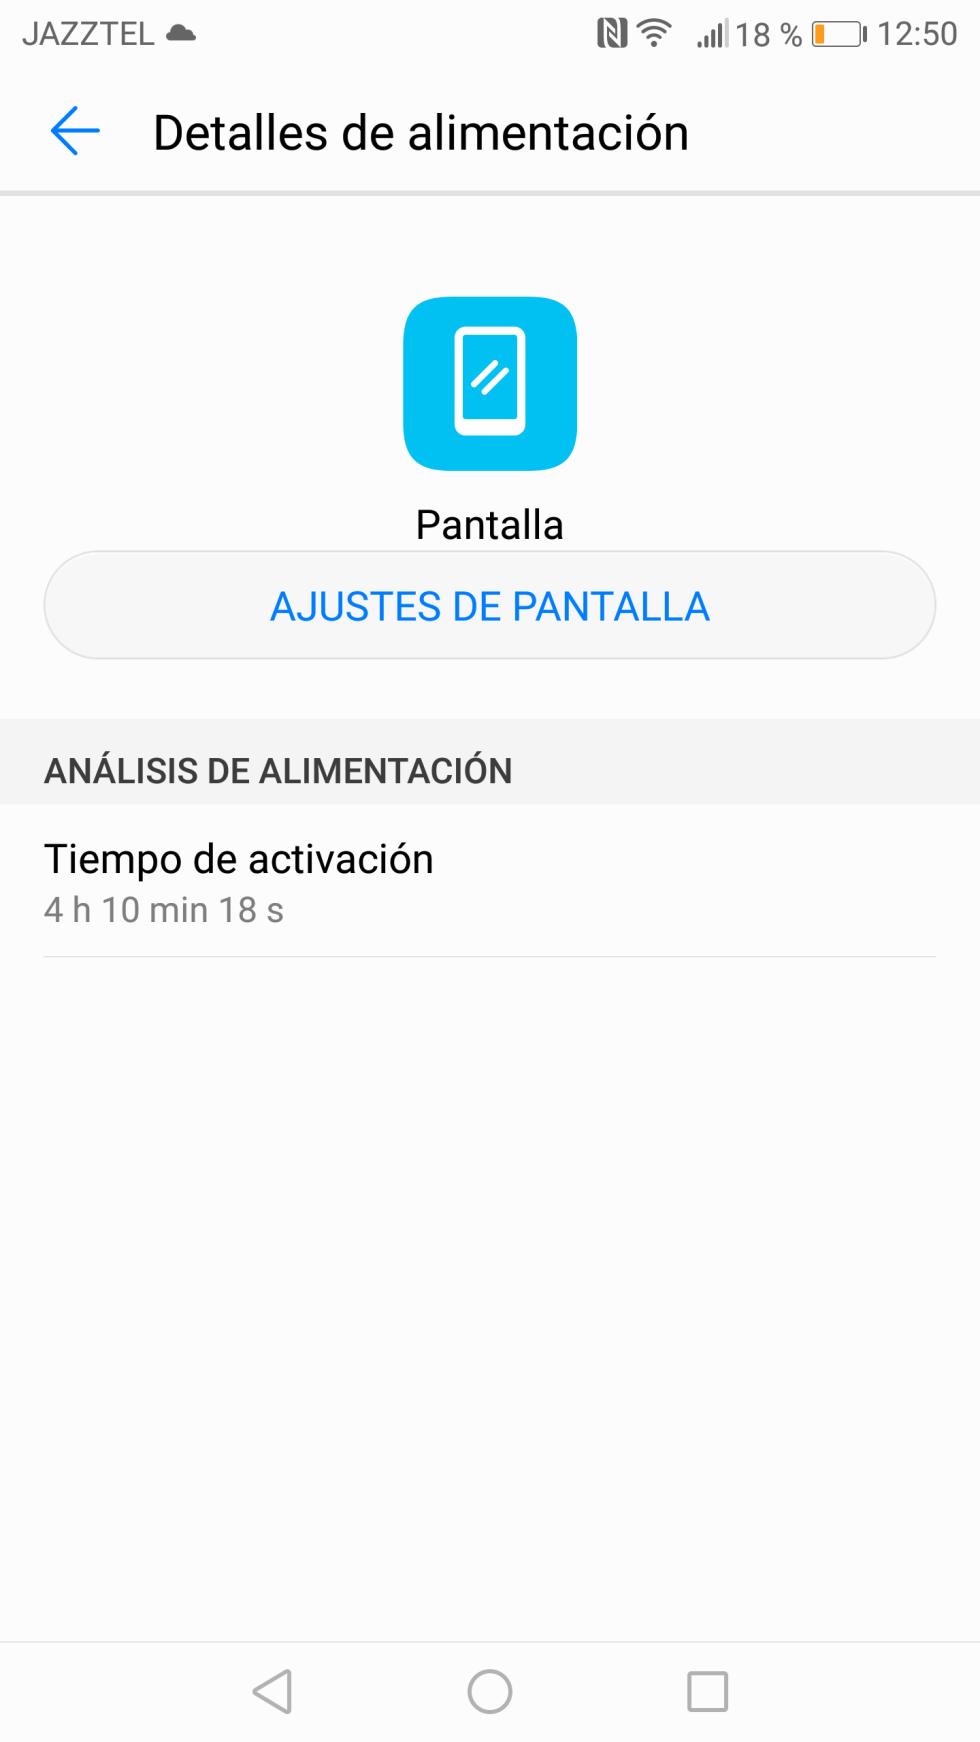 Batería del Huawei Mate 10: consumo, autonomía y opciones de ahorro